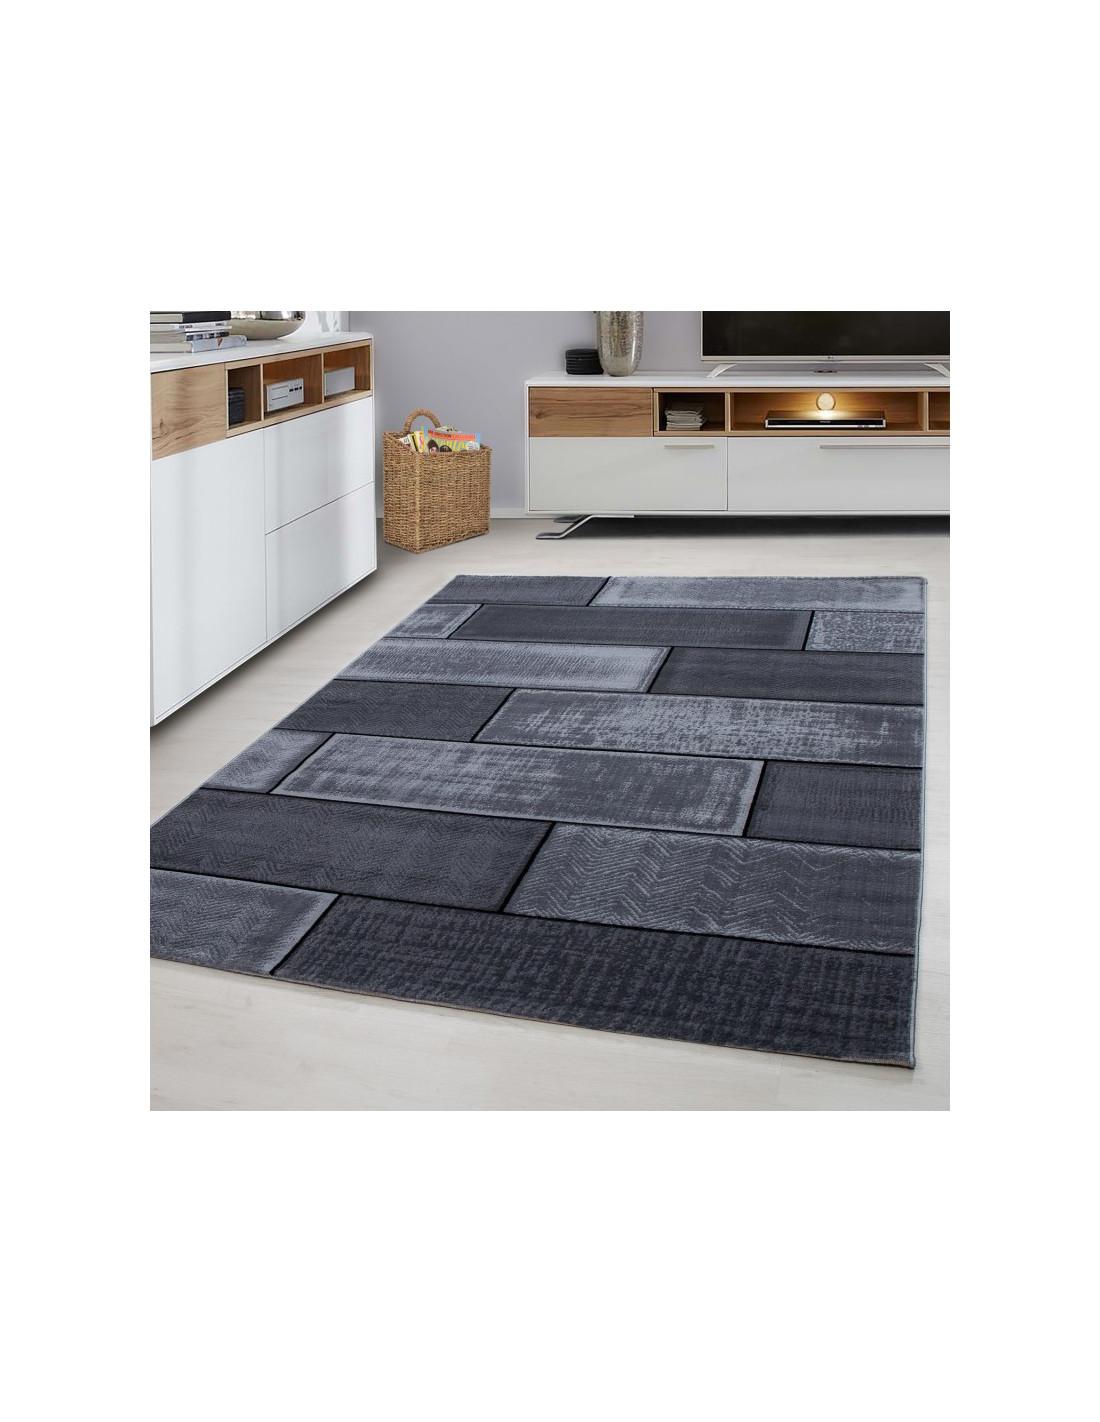 Designer soggiorno camera dei giovani tappeto parete motivo a scacchi Plus 8007 nero